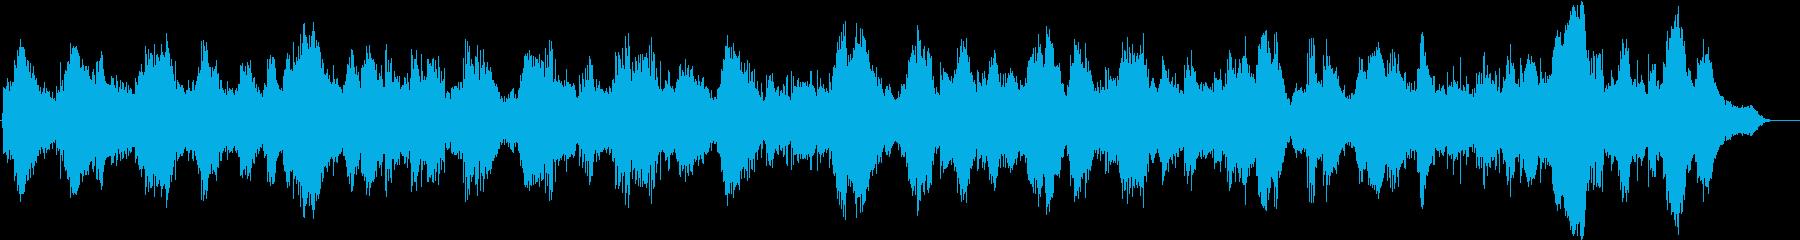 静かなピアノとキラキラしたシンセサイザーの再生済みの波形